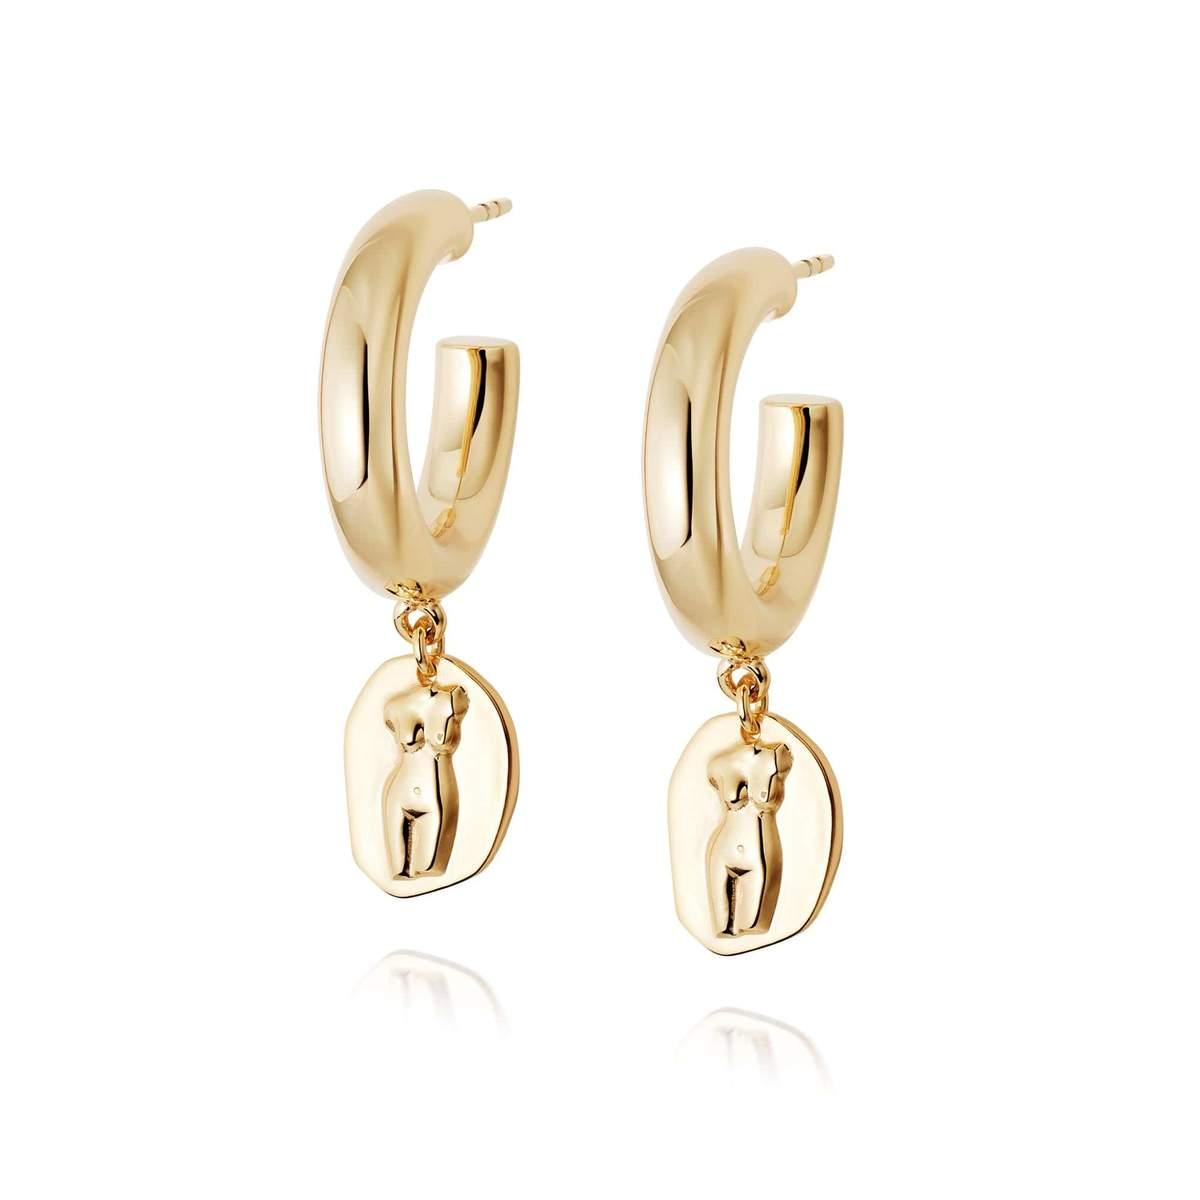 ATHENA HOOP EARRINGS - 18CT GOLD PLATE